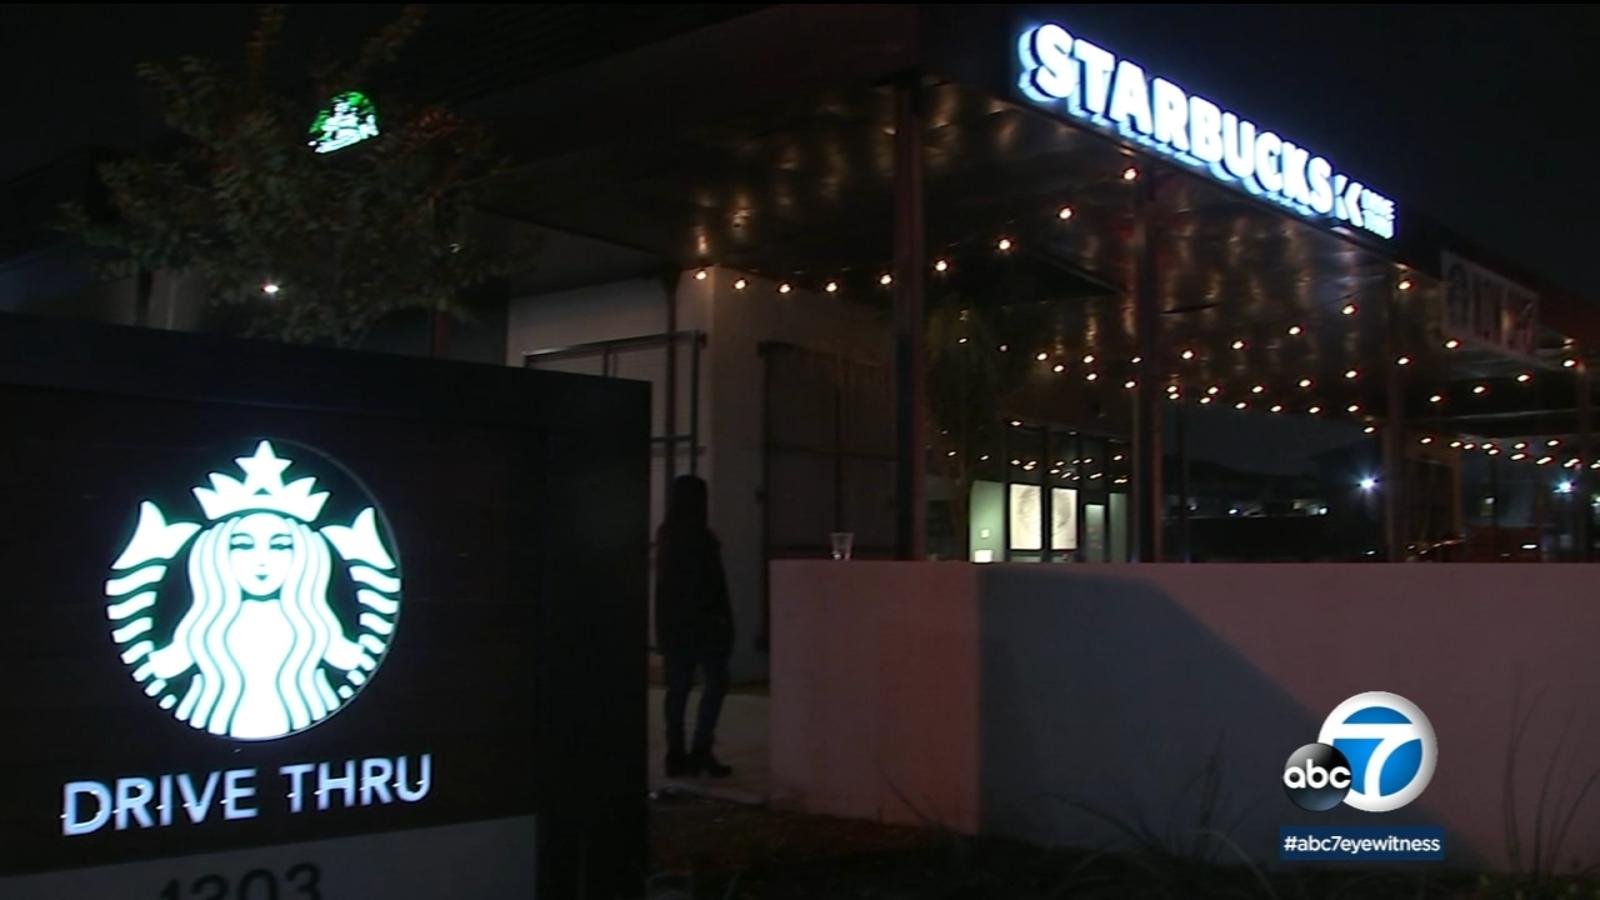 Starbucks se disculpa luego de que 2 agentes uniformados del condado de Riverside supuestamente rechazaran el servicio -TV thumbnail